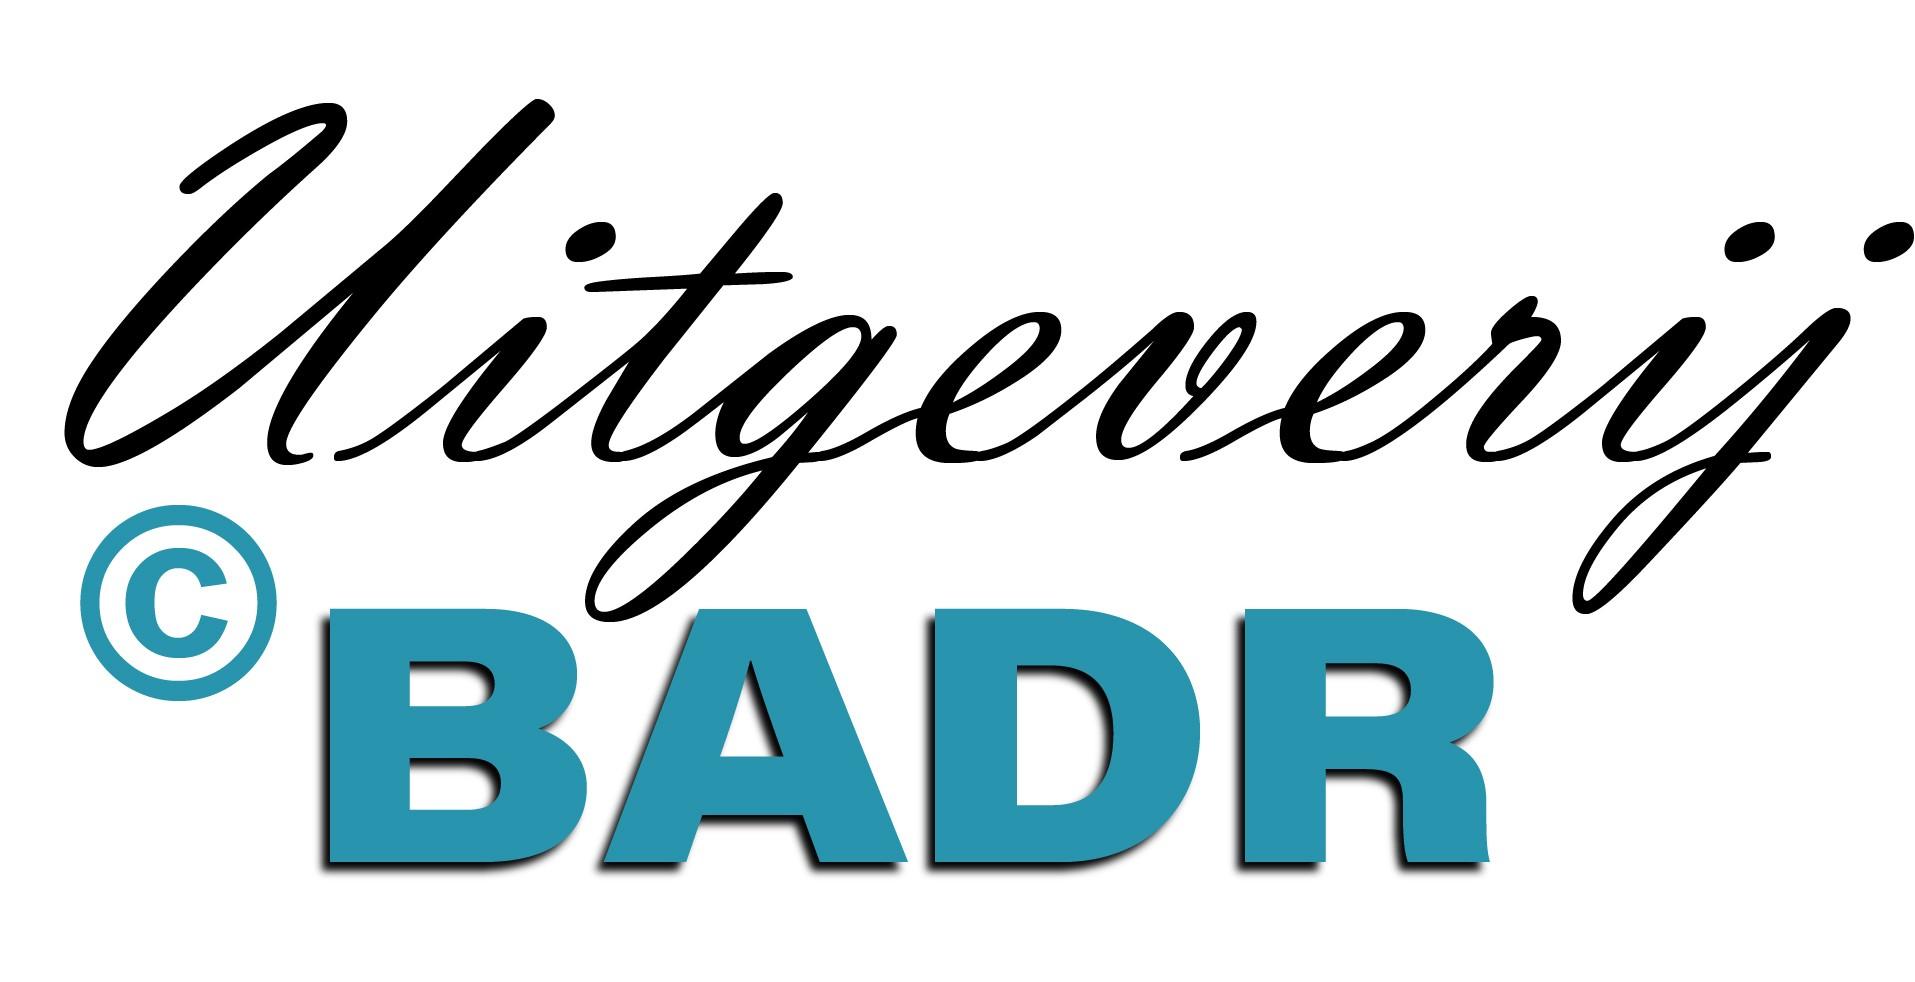 Uitgeverij Badr